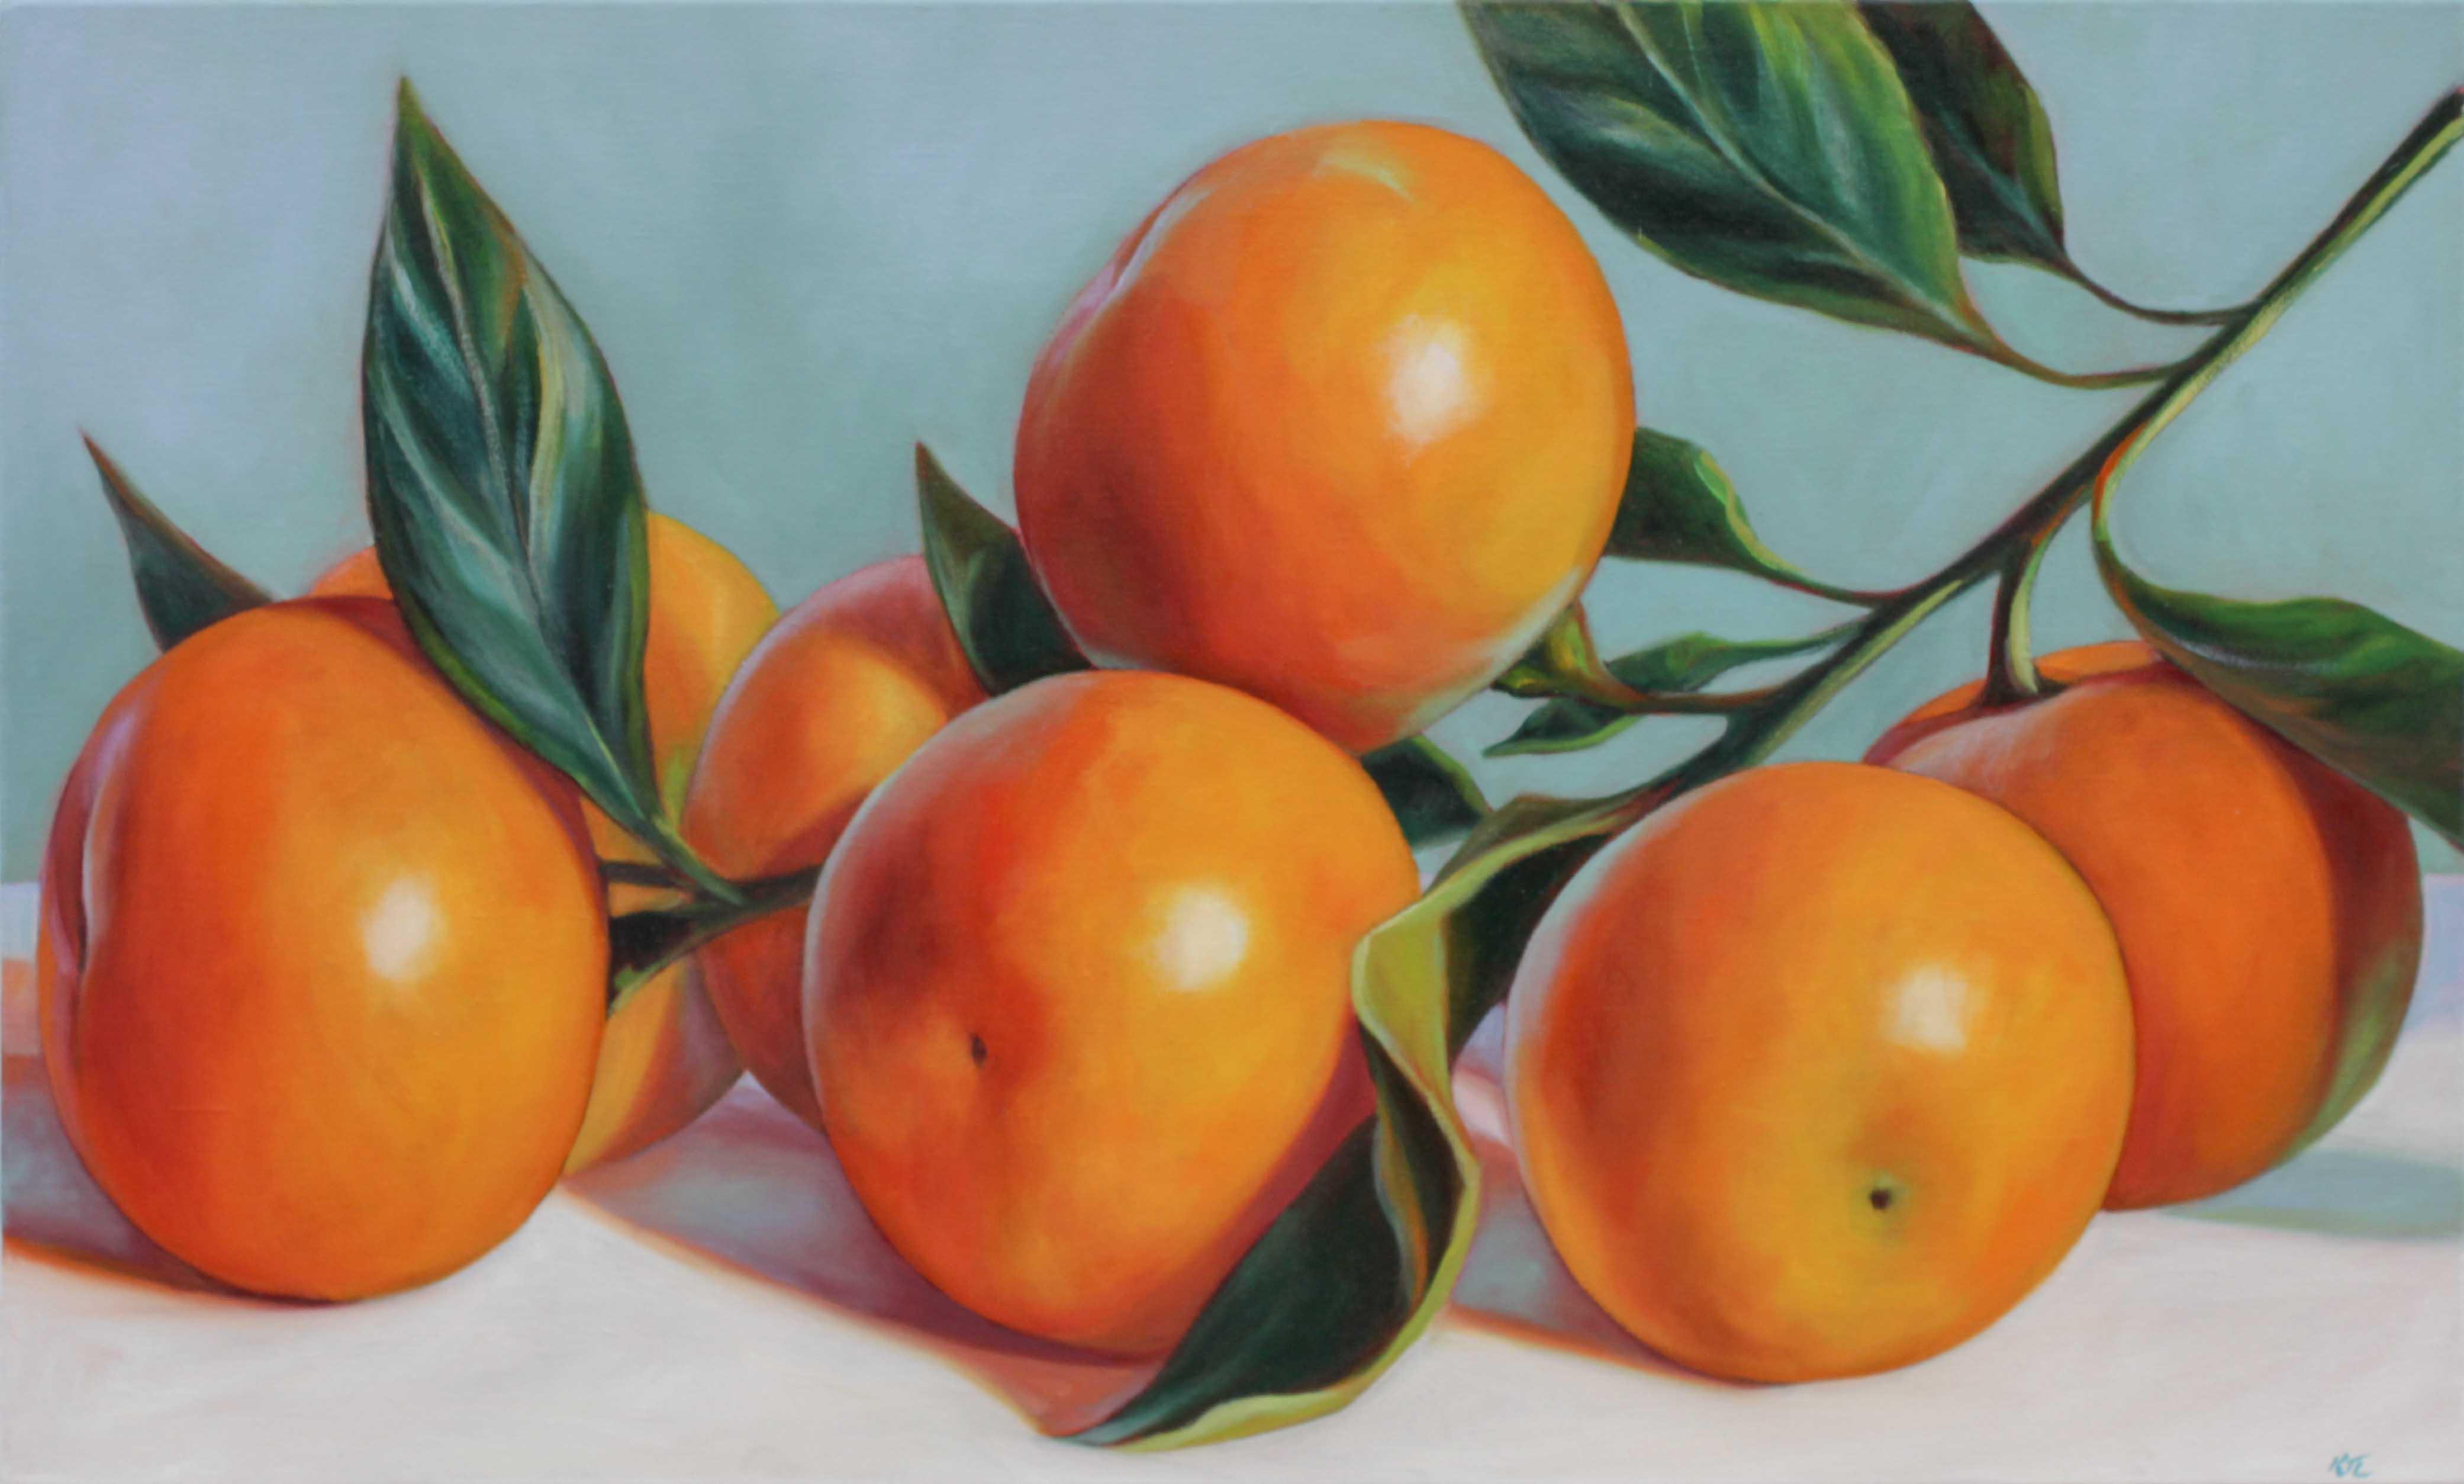 Mandarin Season